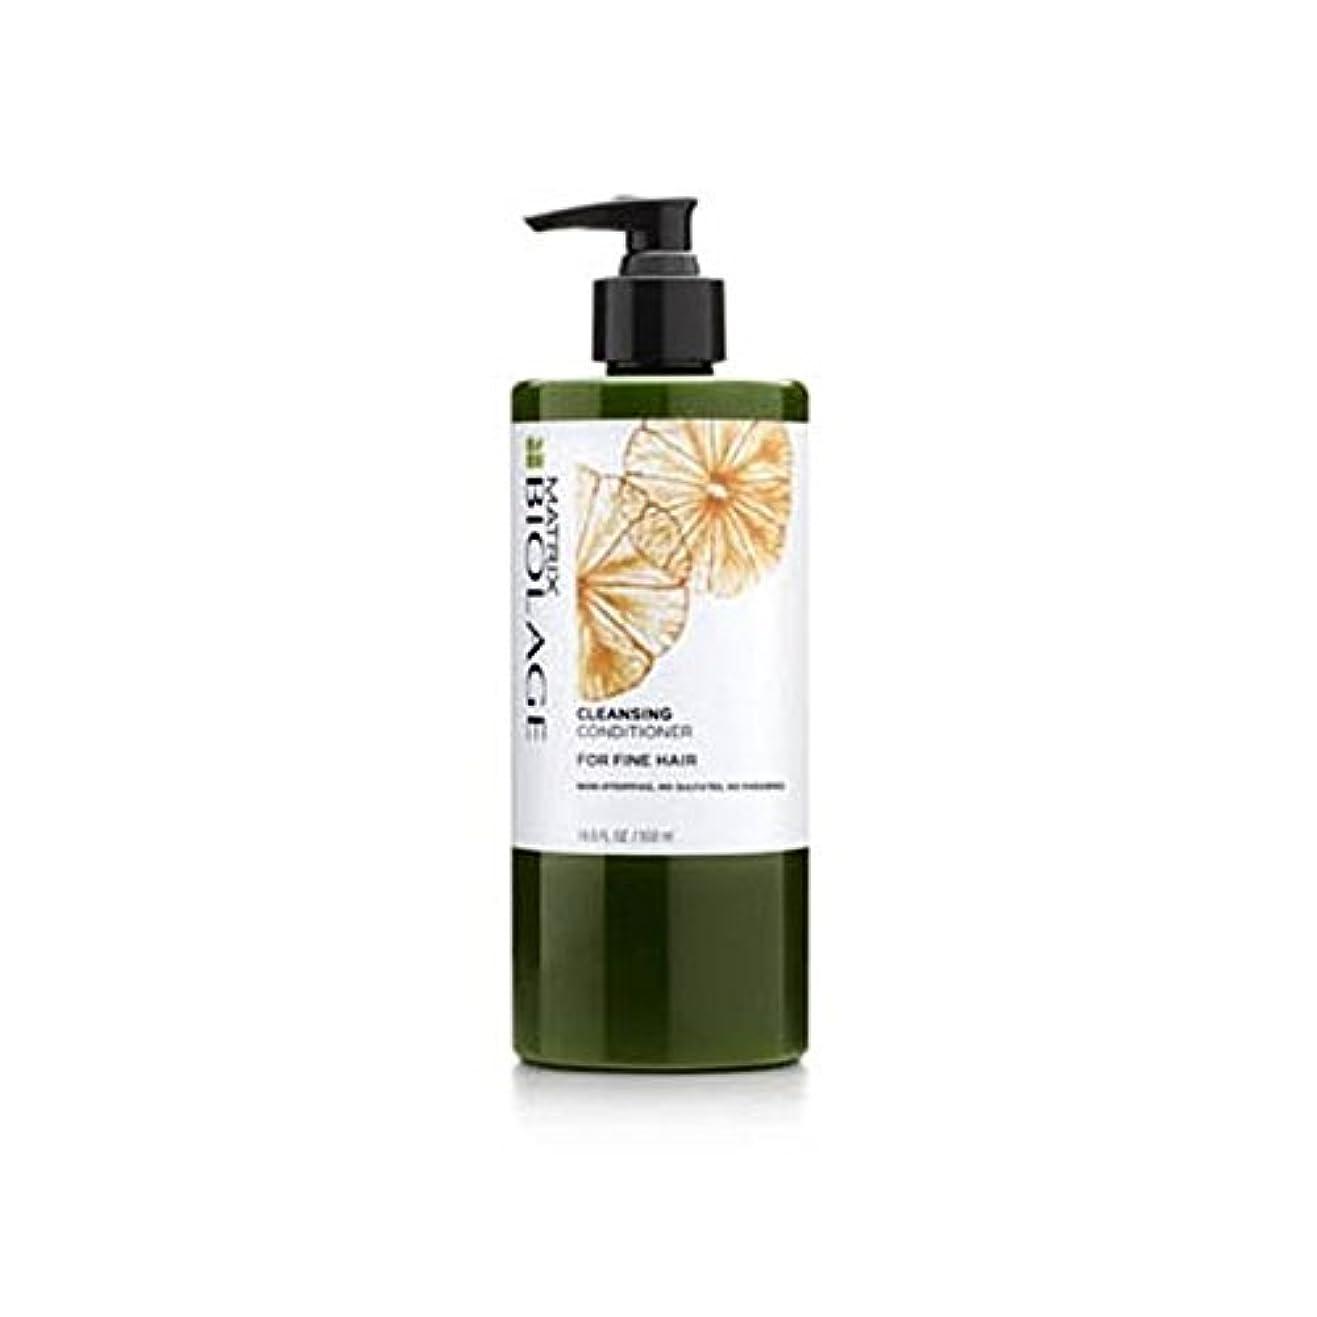 再集計病院賛美歌Matrix Biolage Cleansing Conditioner - Fine Hair (500ml) - マトリックスバイオレイジクレンジングコンディショナー - 細い髪(500ミリリットル) [並行輸入品]